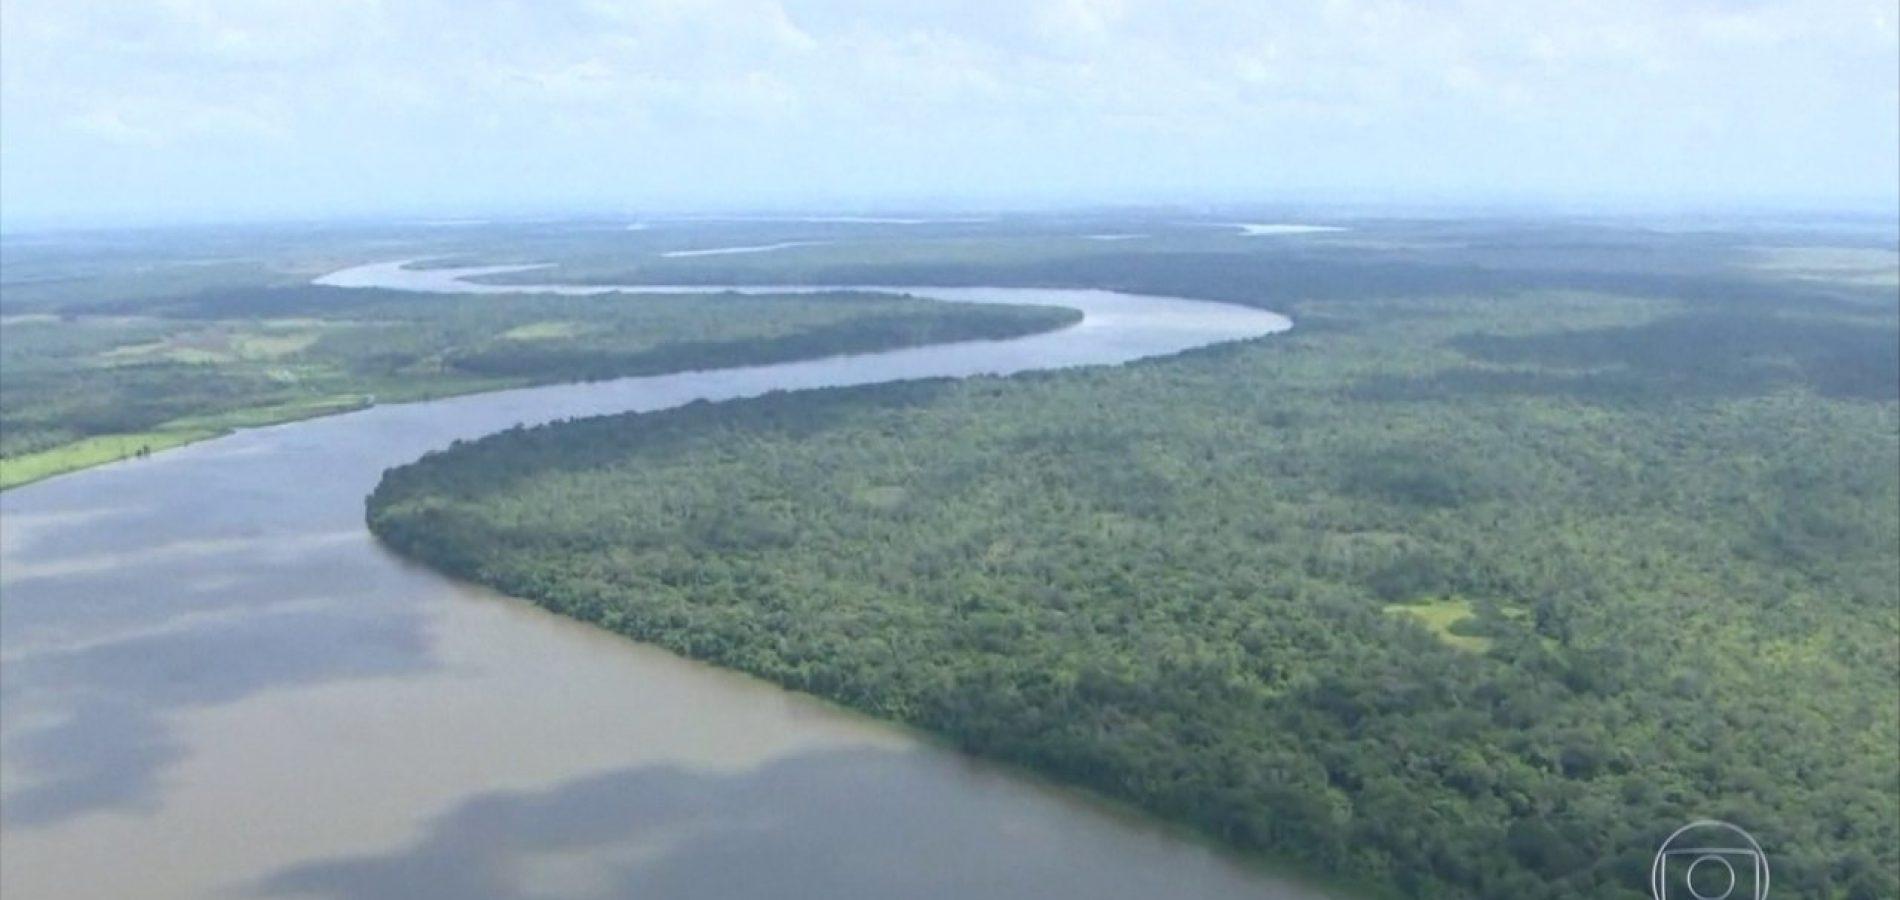 Governo revoga decreto que liberava mineração em reserva na Amazônia